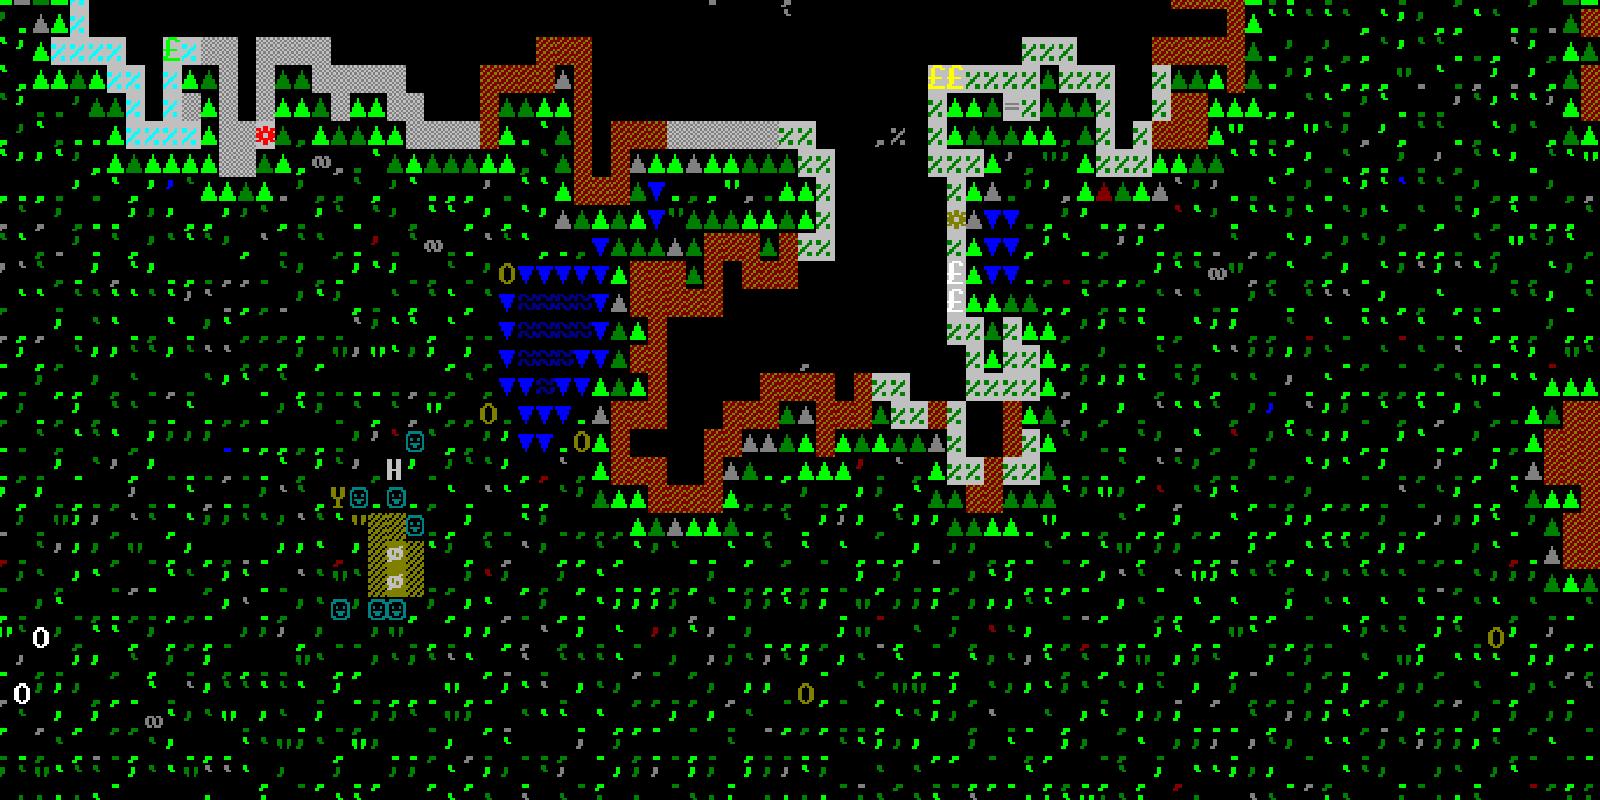 dwarf fortress embark